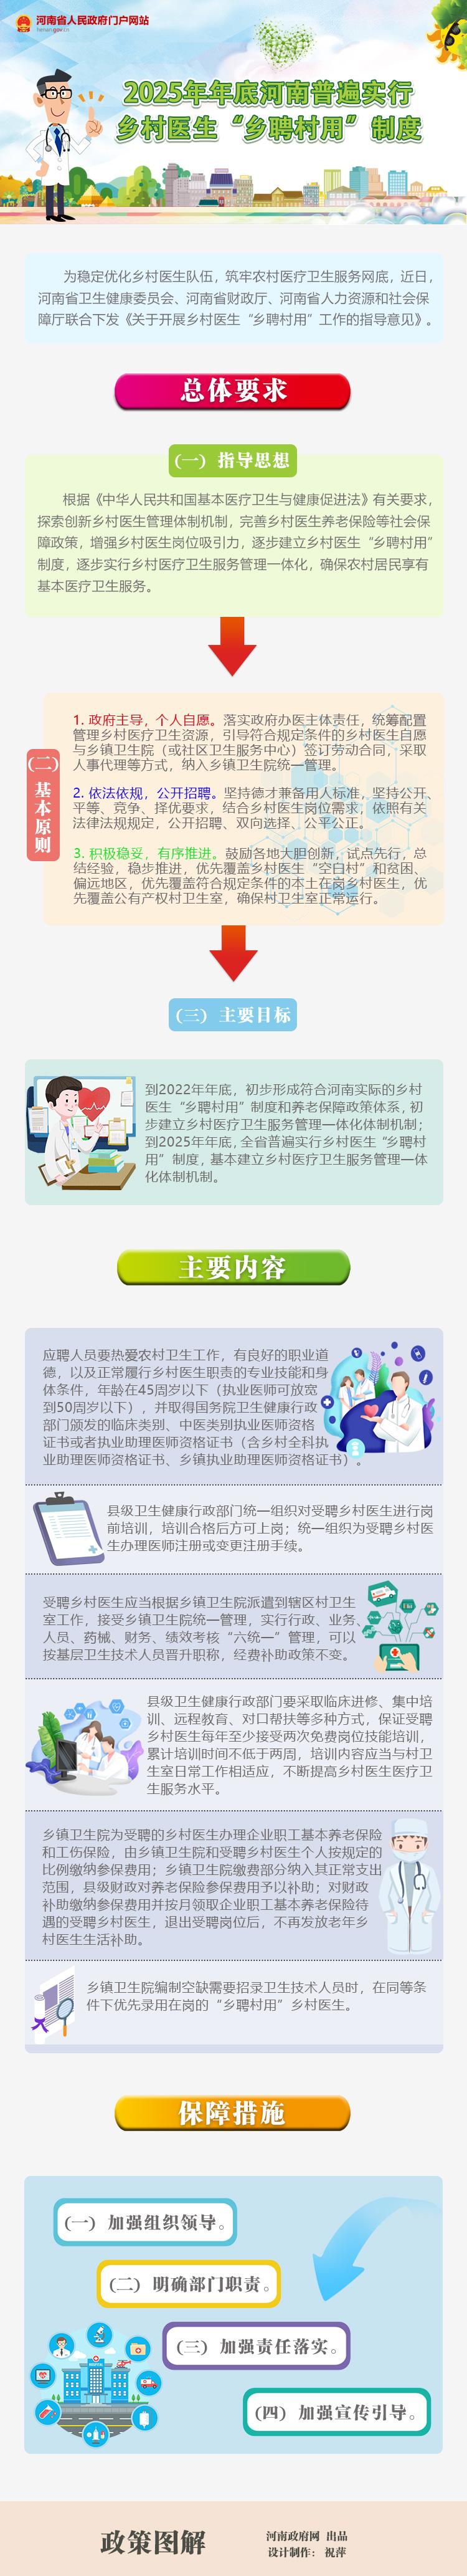 """图解:2025年年底河南普遍实行乡村医生""""乡聘村用""""制度"""